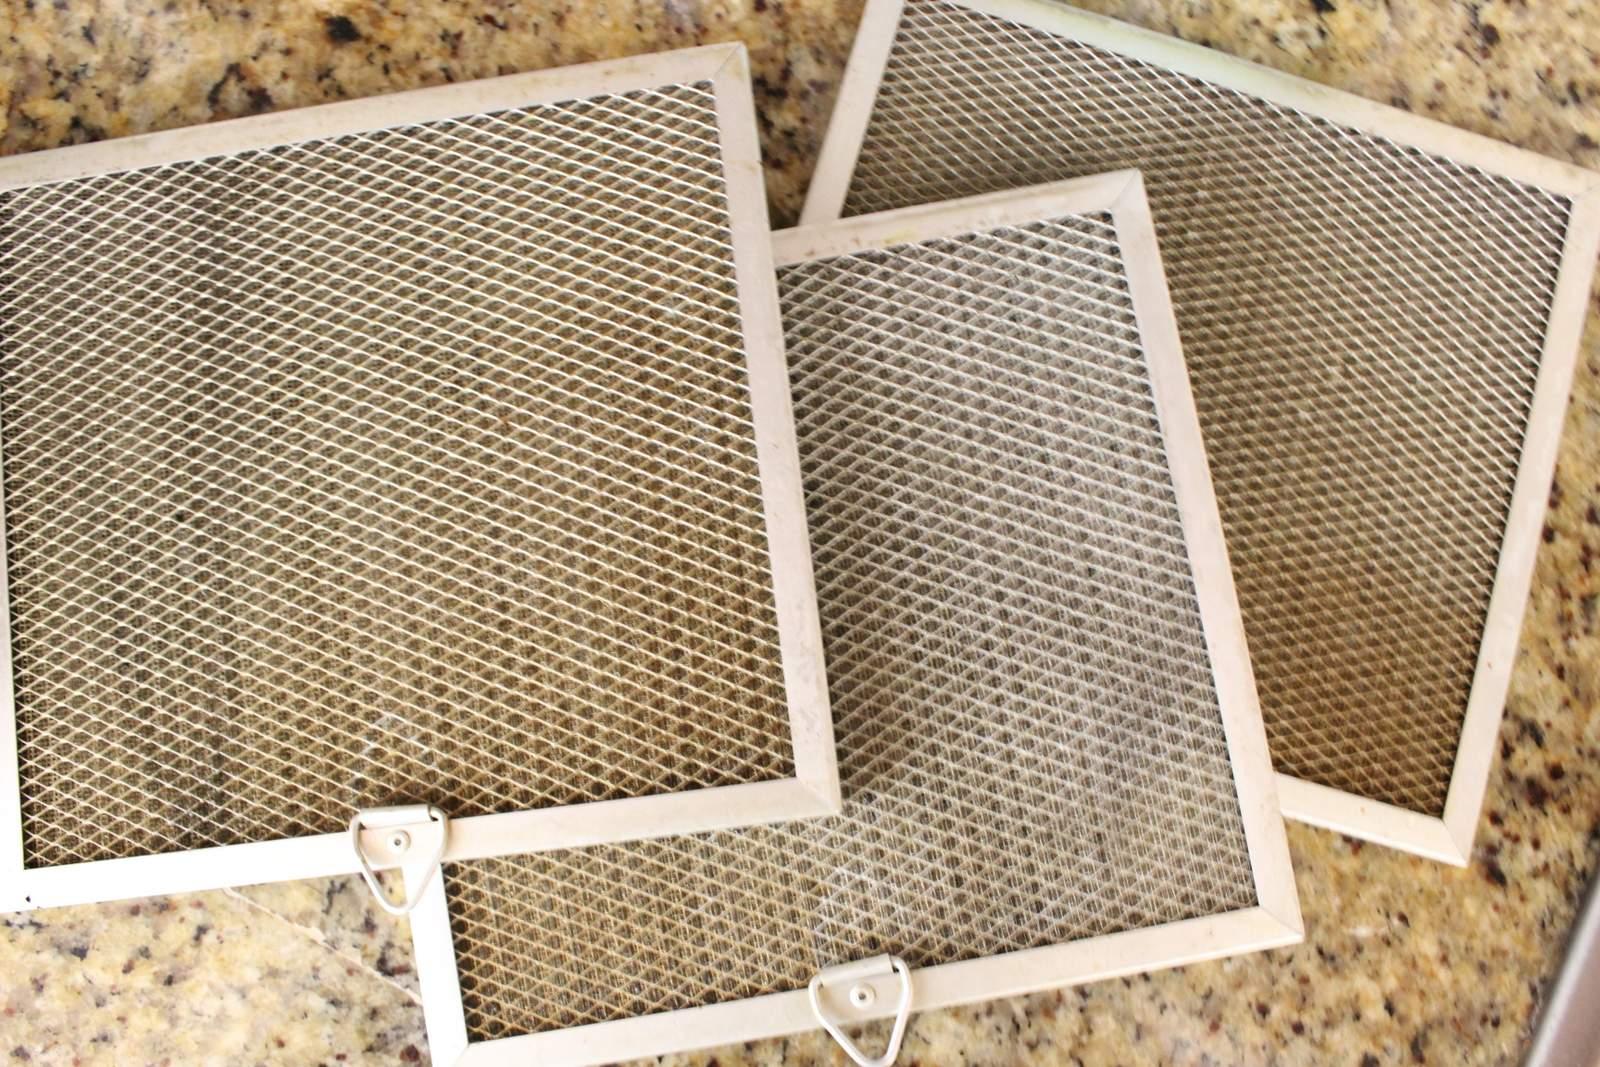 Afzuigkap filters reinigen Stap voor stap uitleg # Wasbak Filter_230800